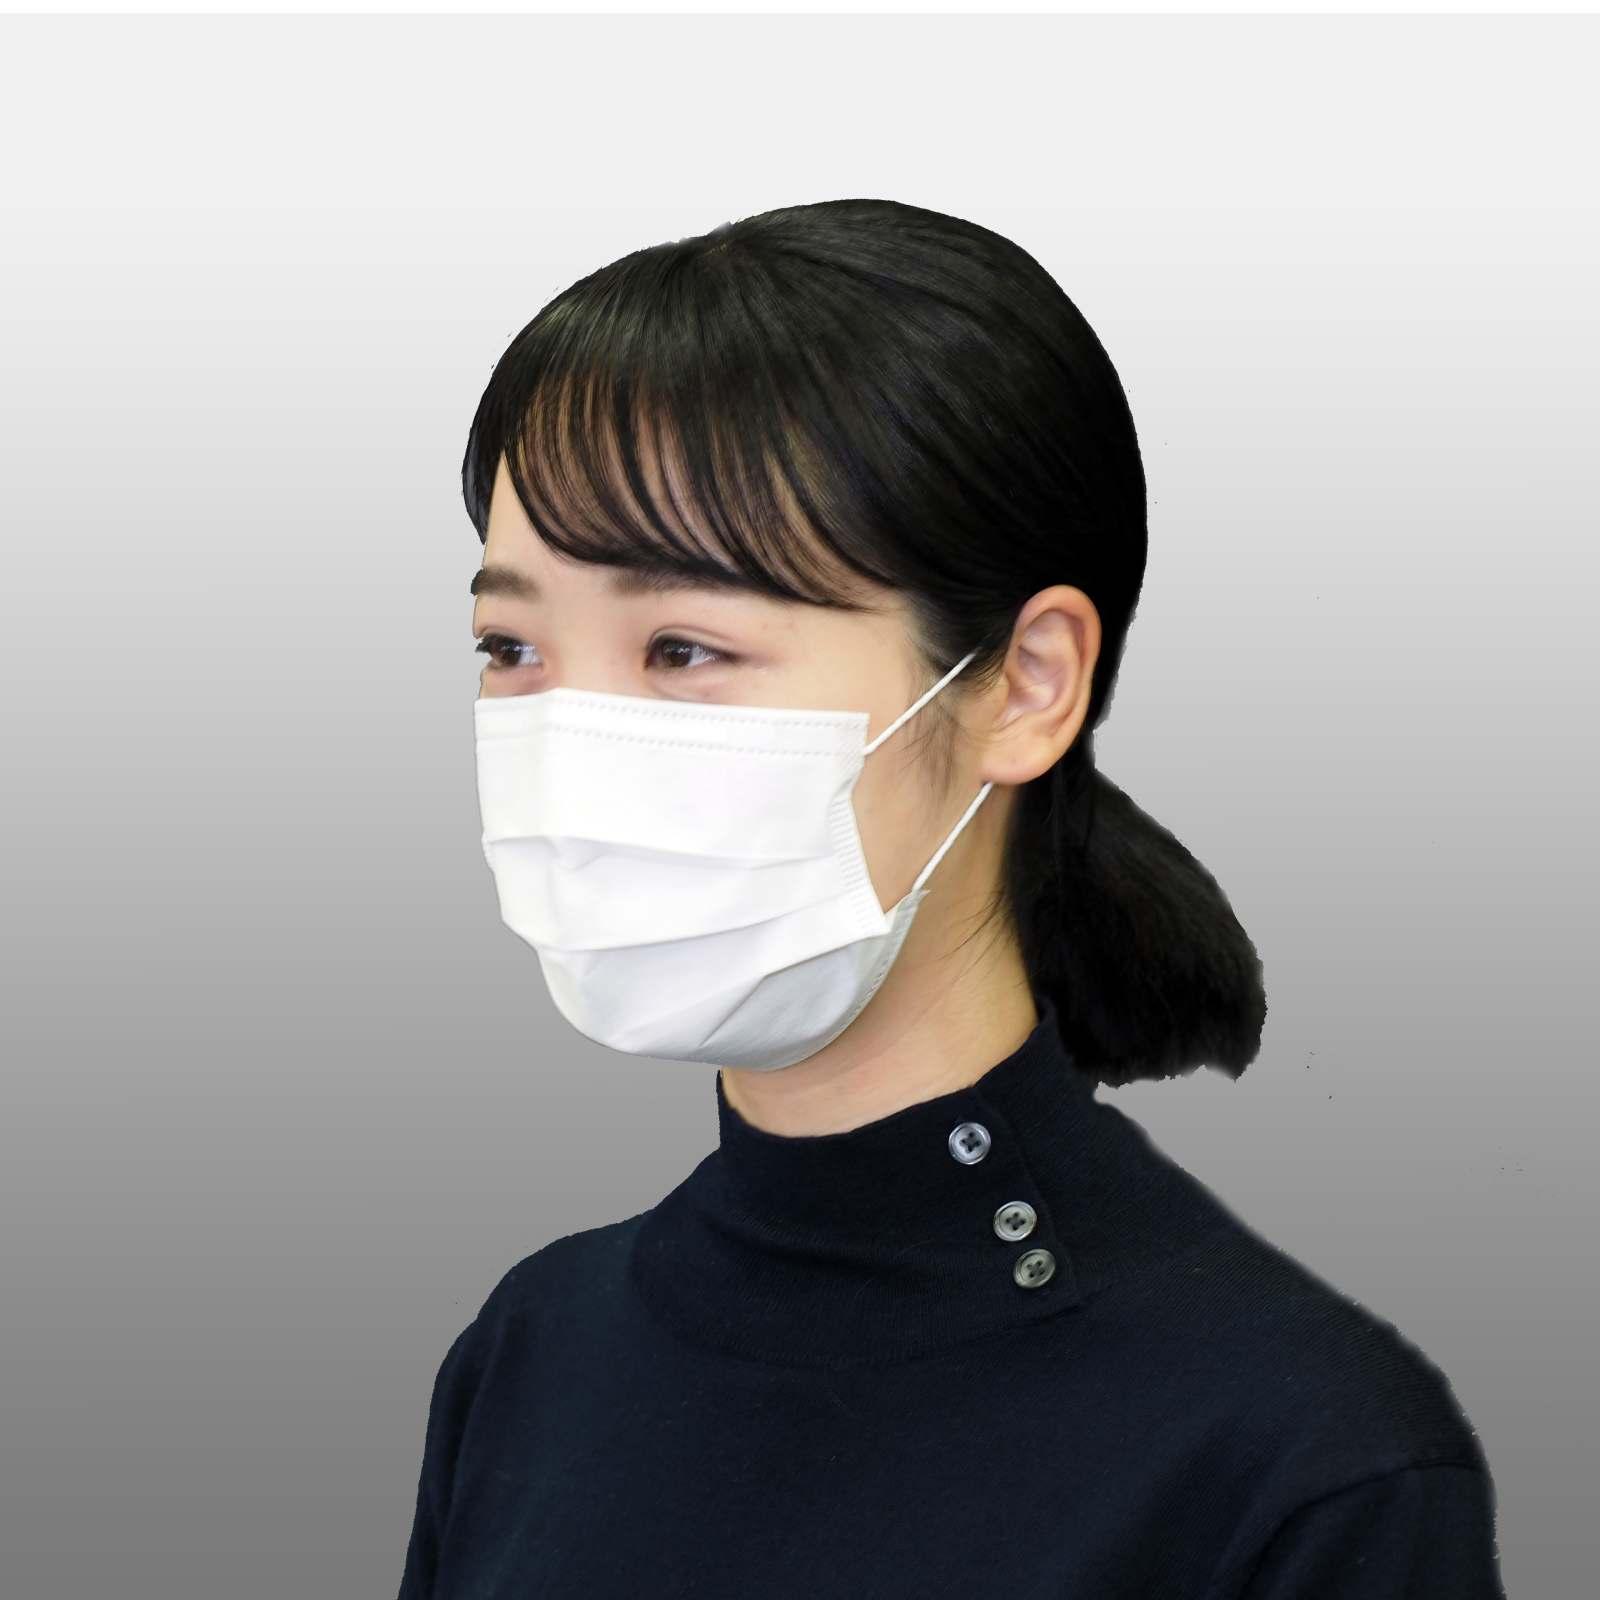 シャープマスク高いよね